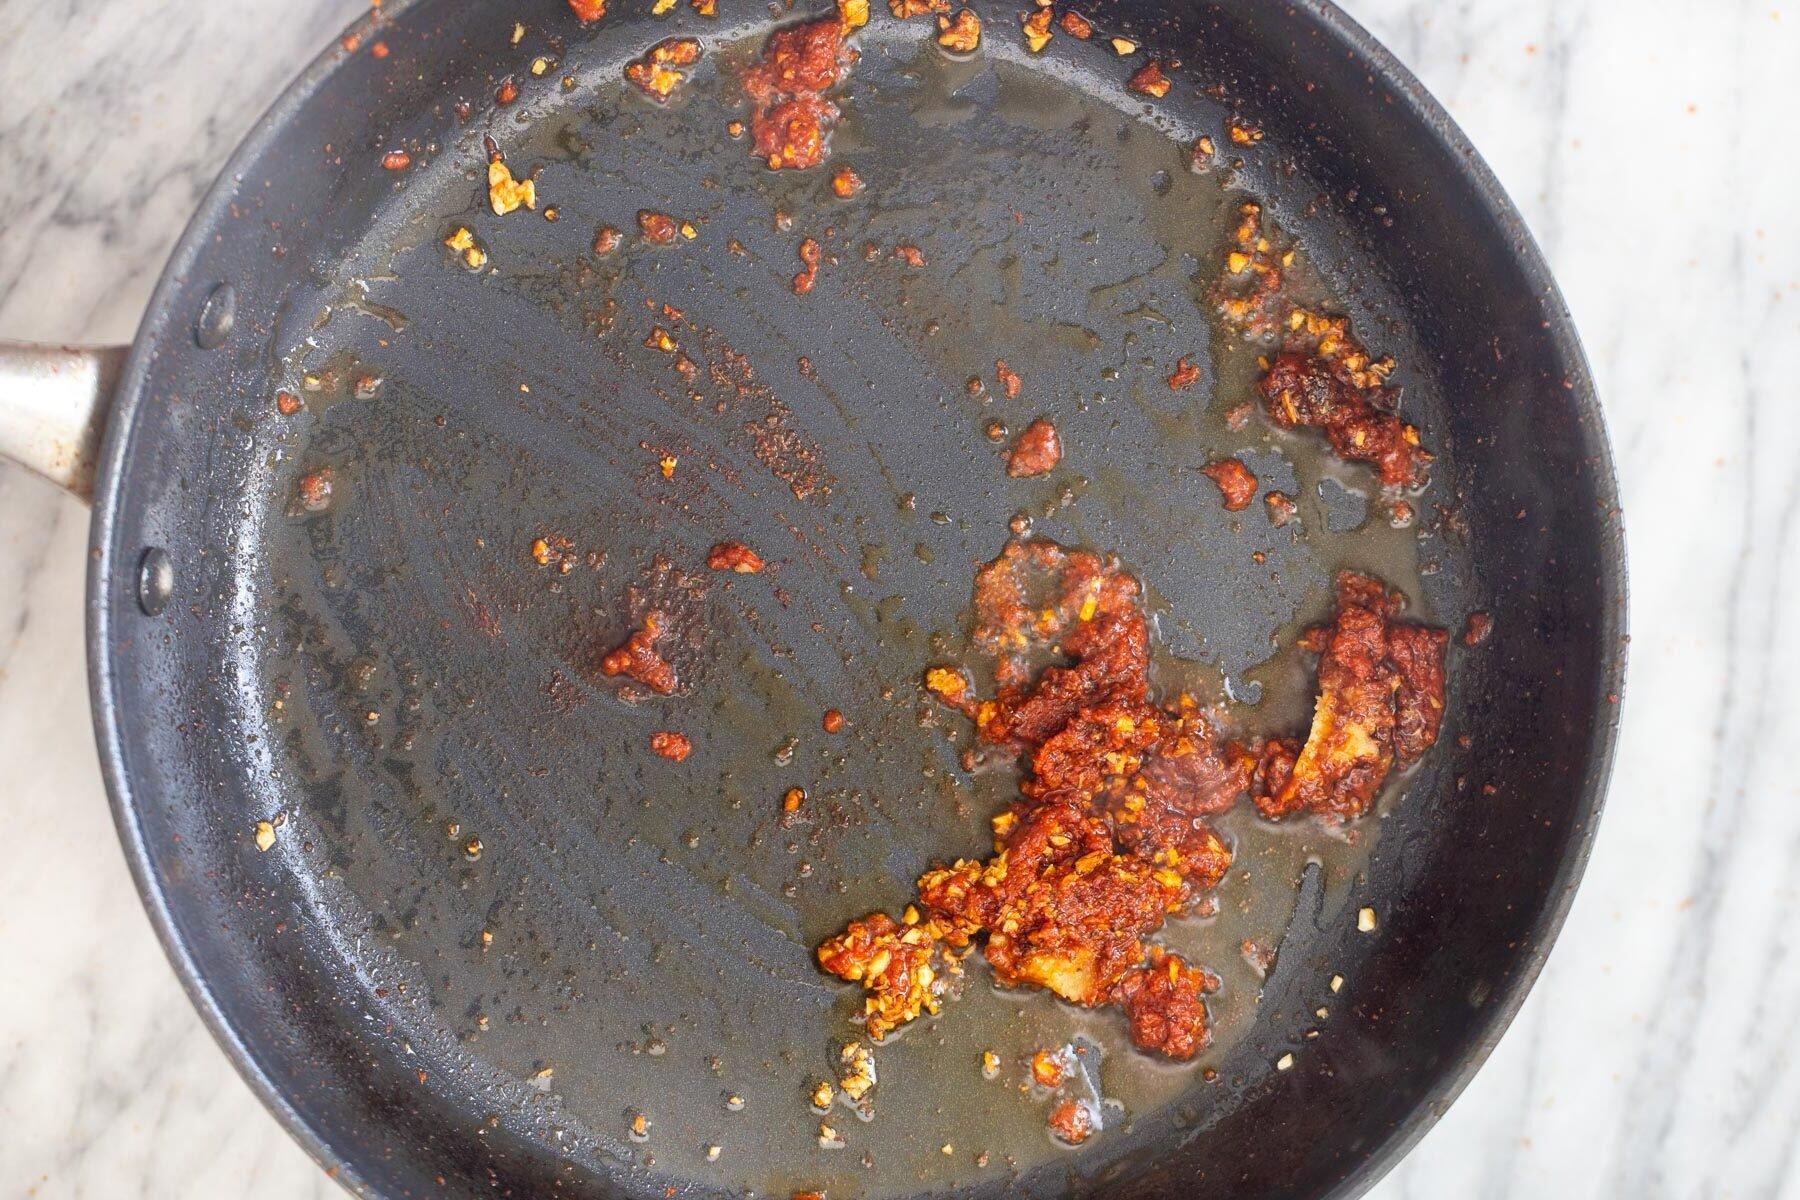 एक सॉस पैन में कीमा बनाया हुआ लहसुन और लाल करी पेस्ट